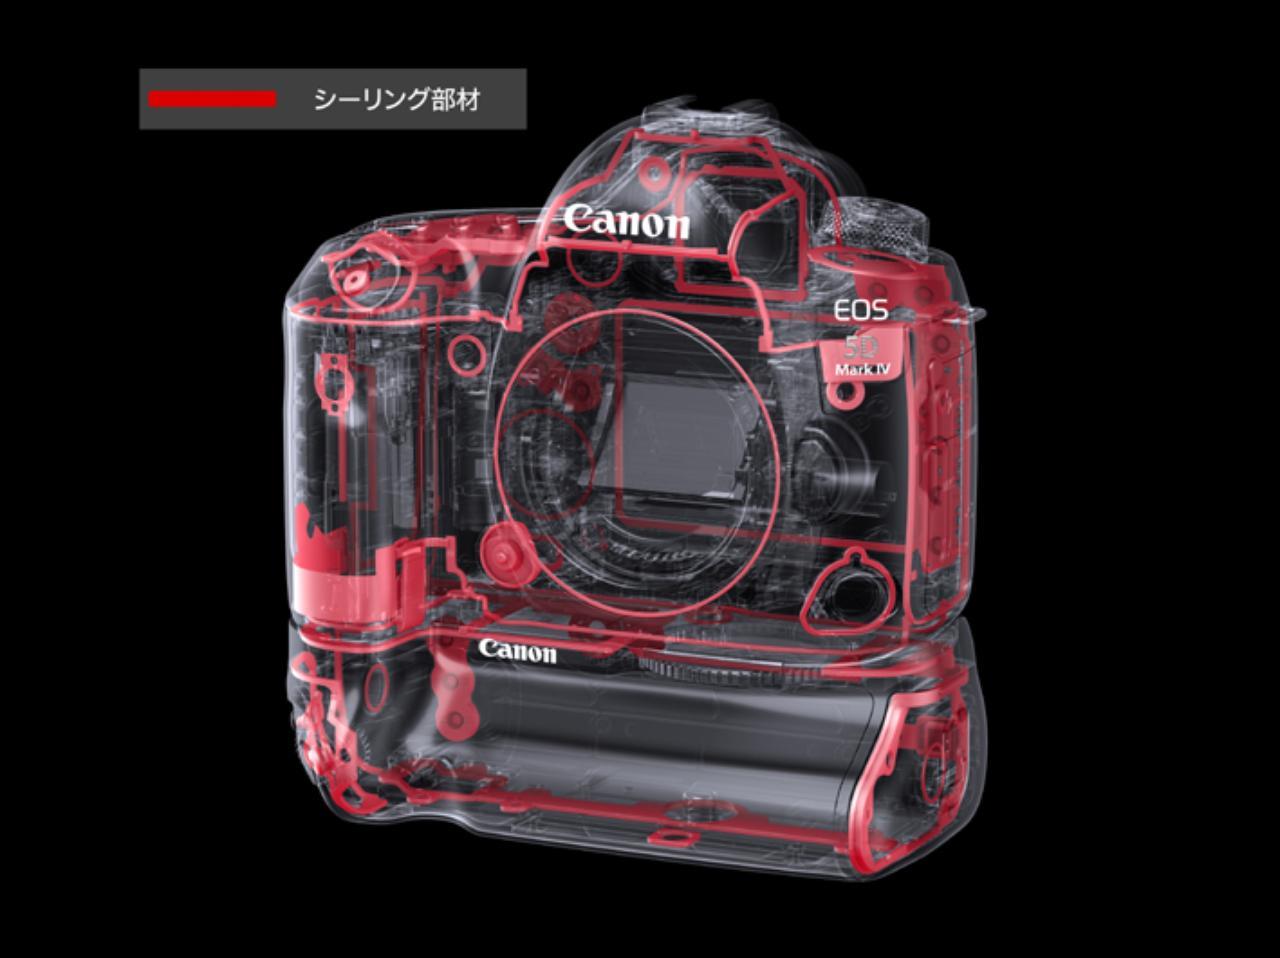 画像: EOS 5D MarkⅣに専用オプションのバッテリーグリップ「BG-E20」を装着した状態での防塵防滴構造。赤い部分がシーリング部材。アウトドアでの撮影時、雨や砂塵などに見舞われても安心だ。